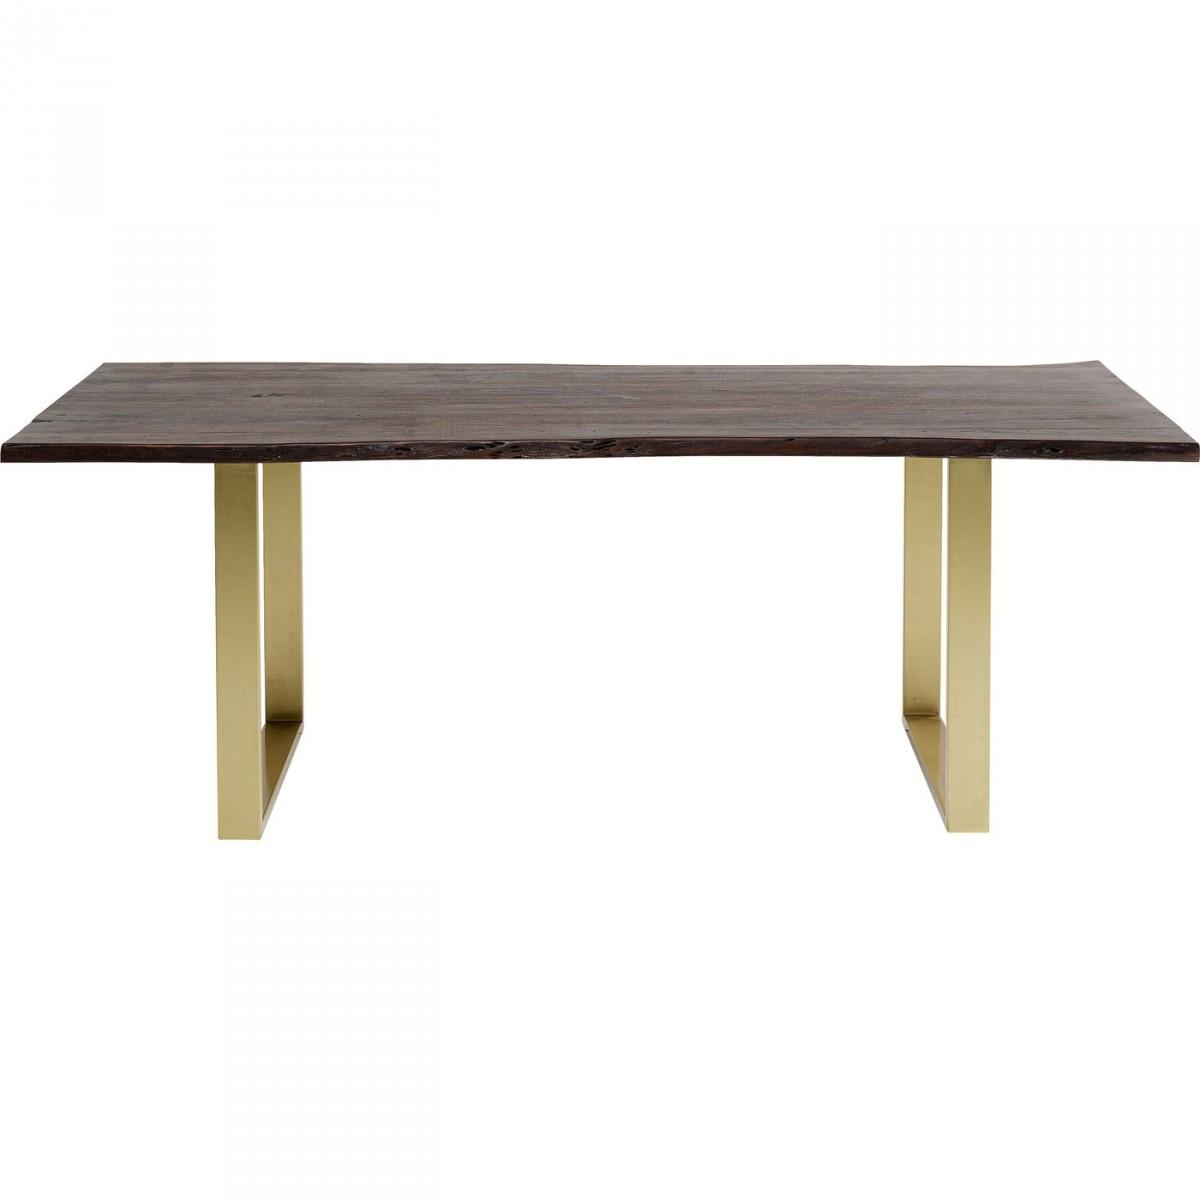 KARE DESIGN rektangulær Harmony Dark Brass spisebord - brun akacietræ og messing stål (160x80)